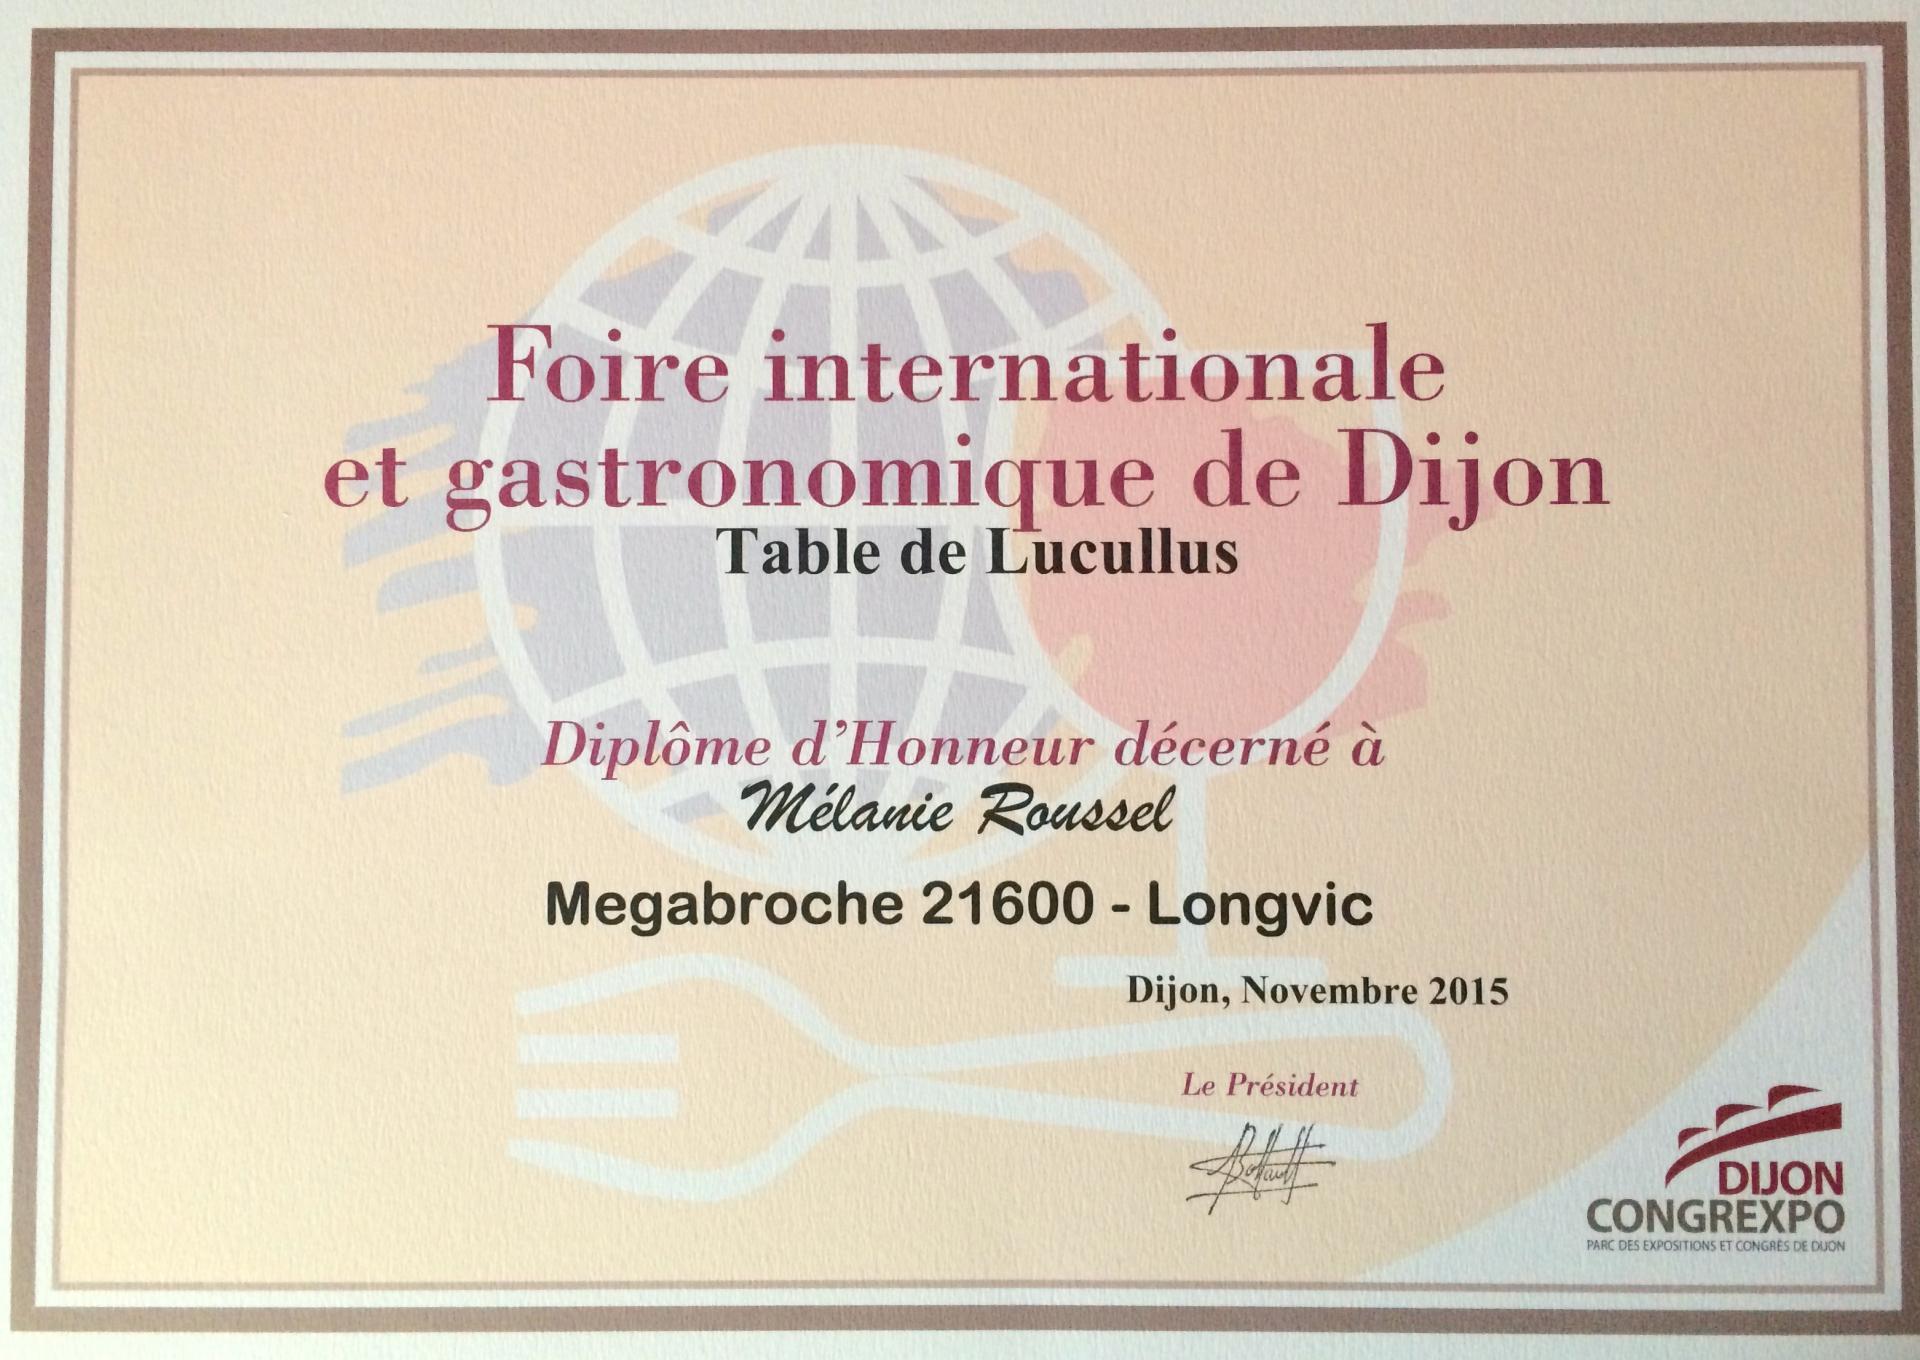 Foire internationale gastronomique de Dijon